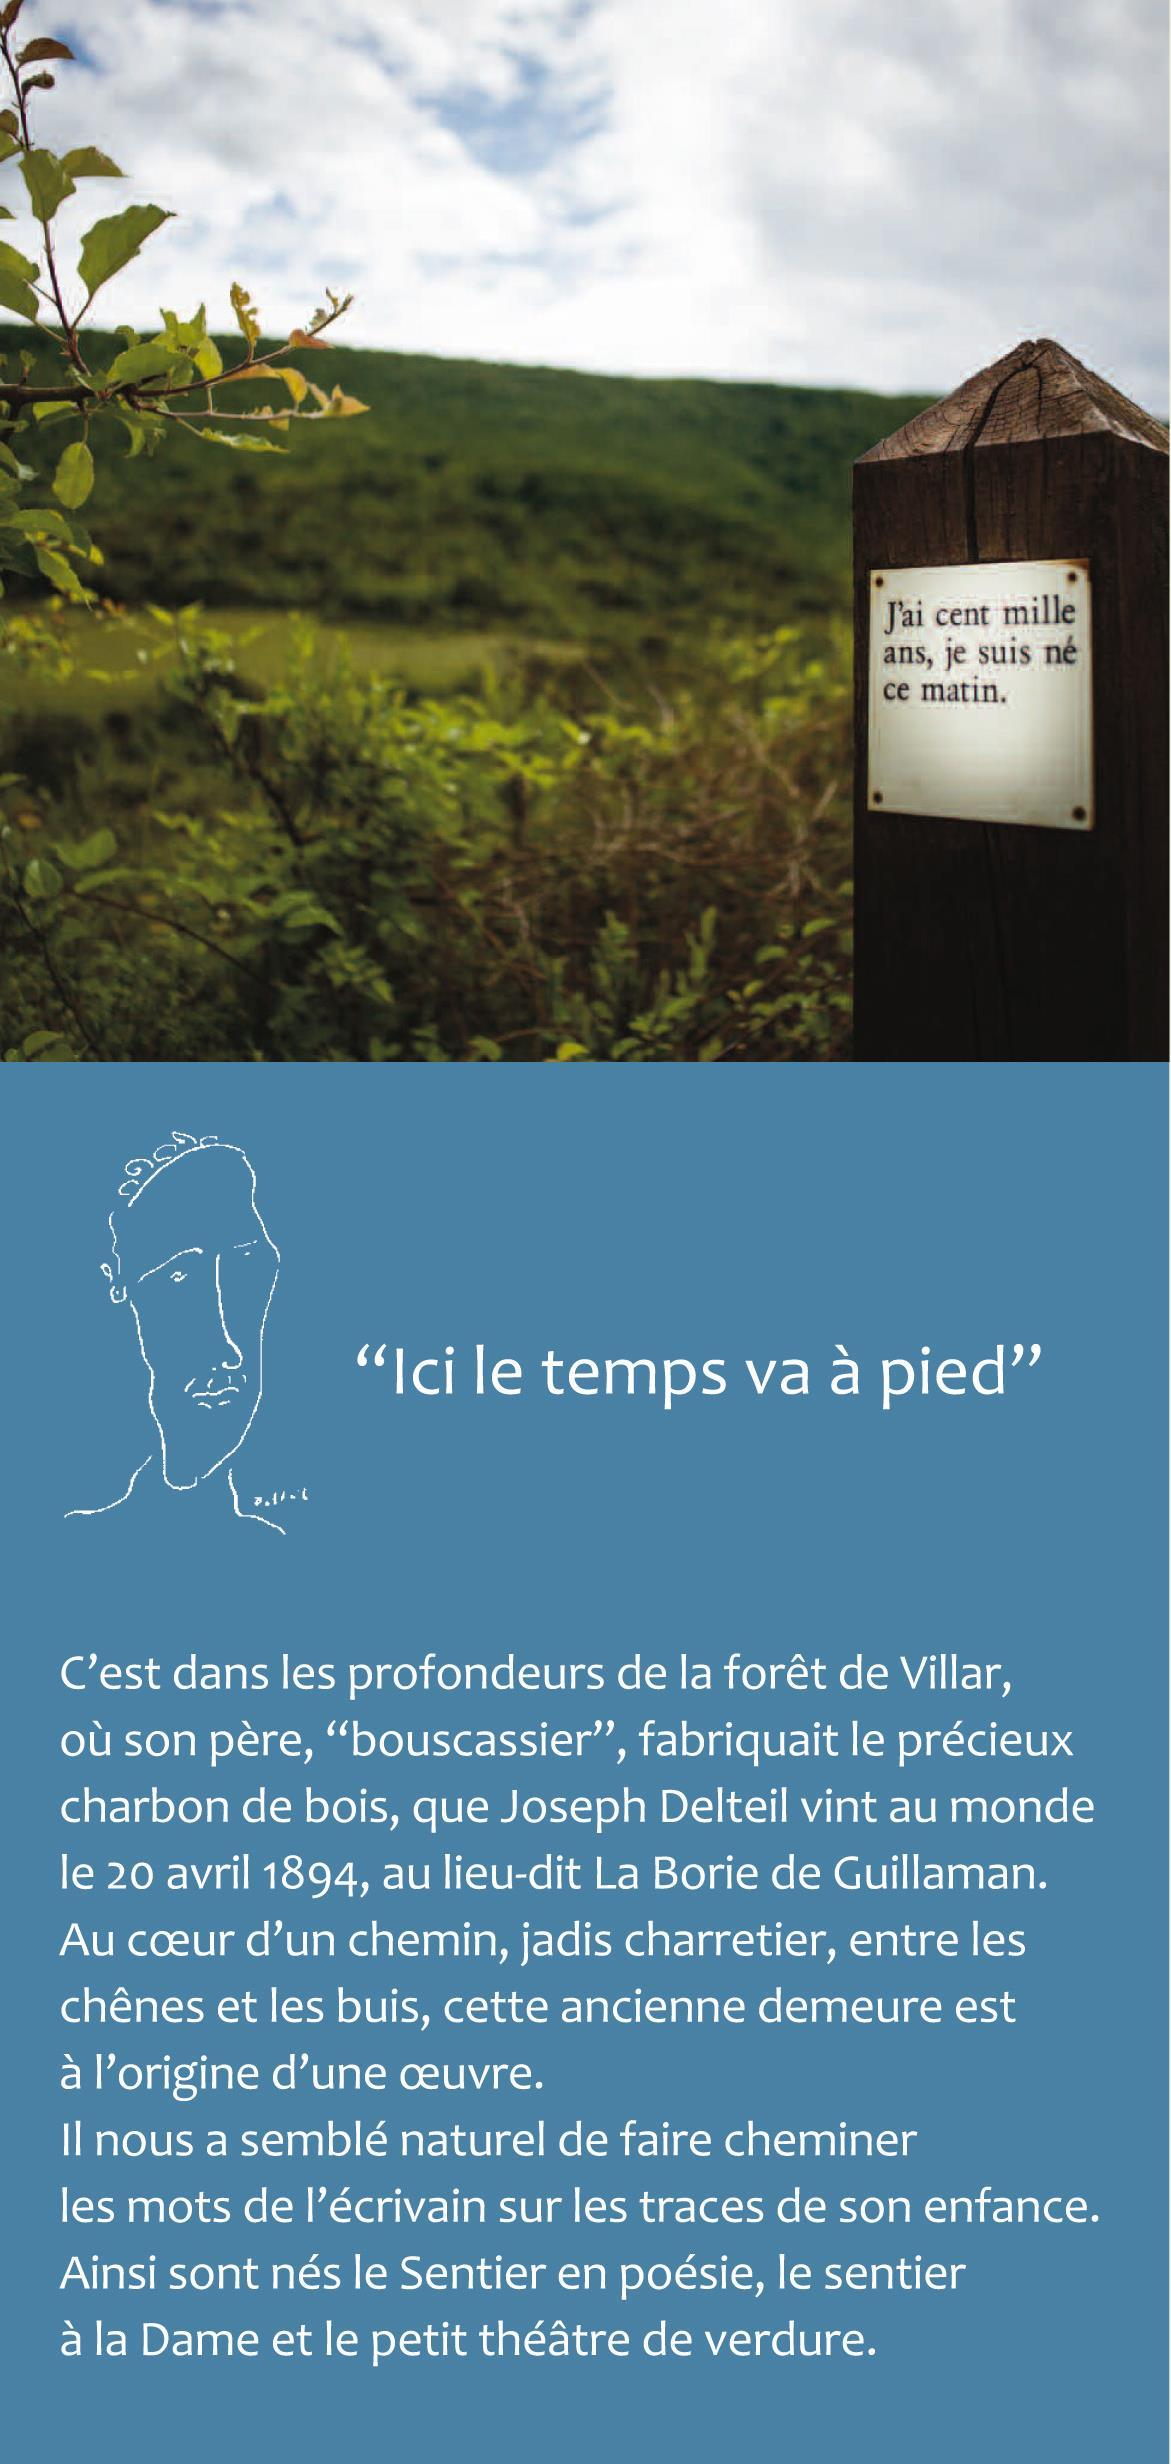 LE-SENTIER-EN-POESIE 4 crop